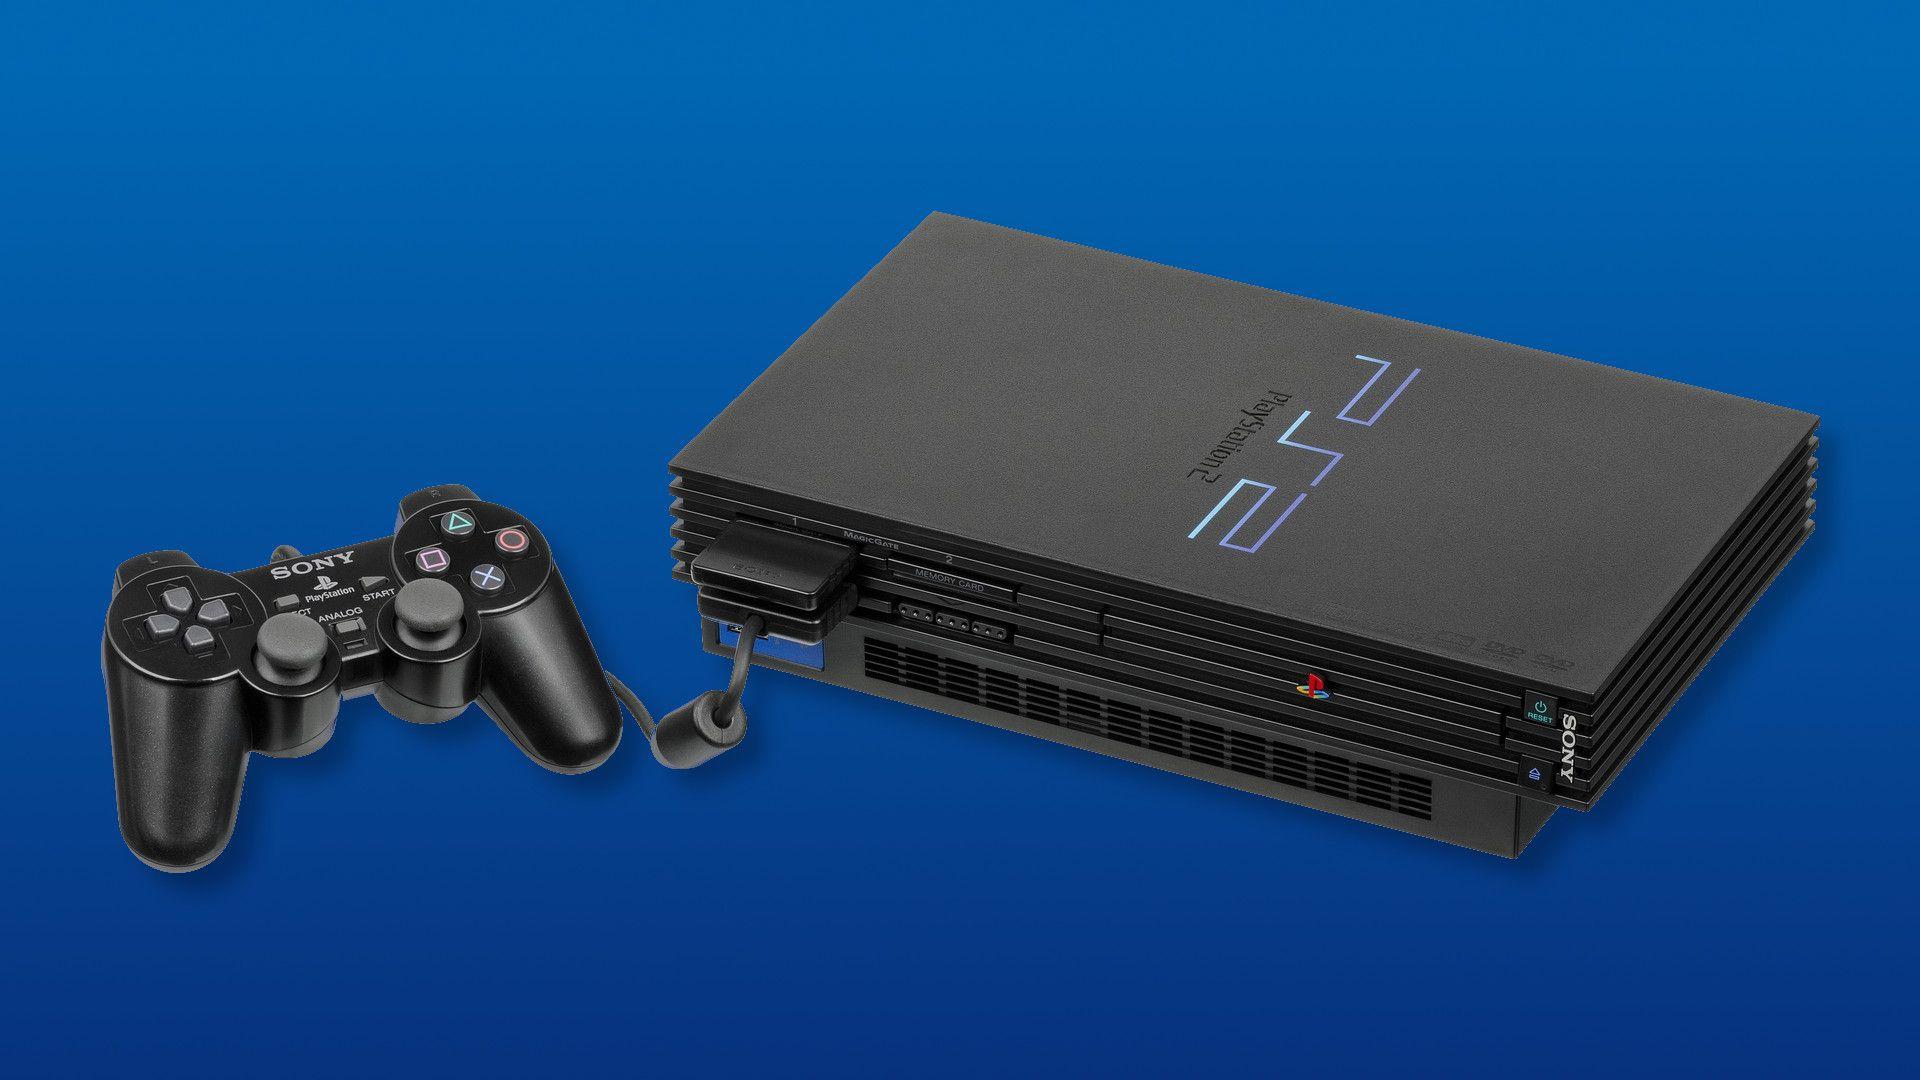 Playstation 2: Historiker laden unveröffentlichte Prototypen und Demos ins Netz